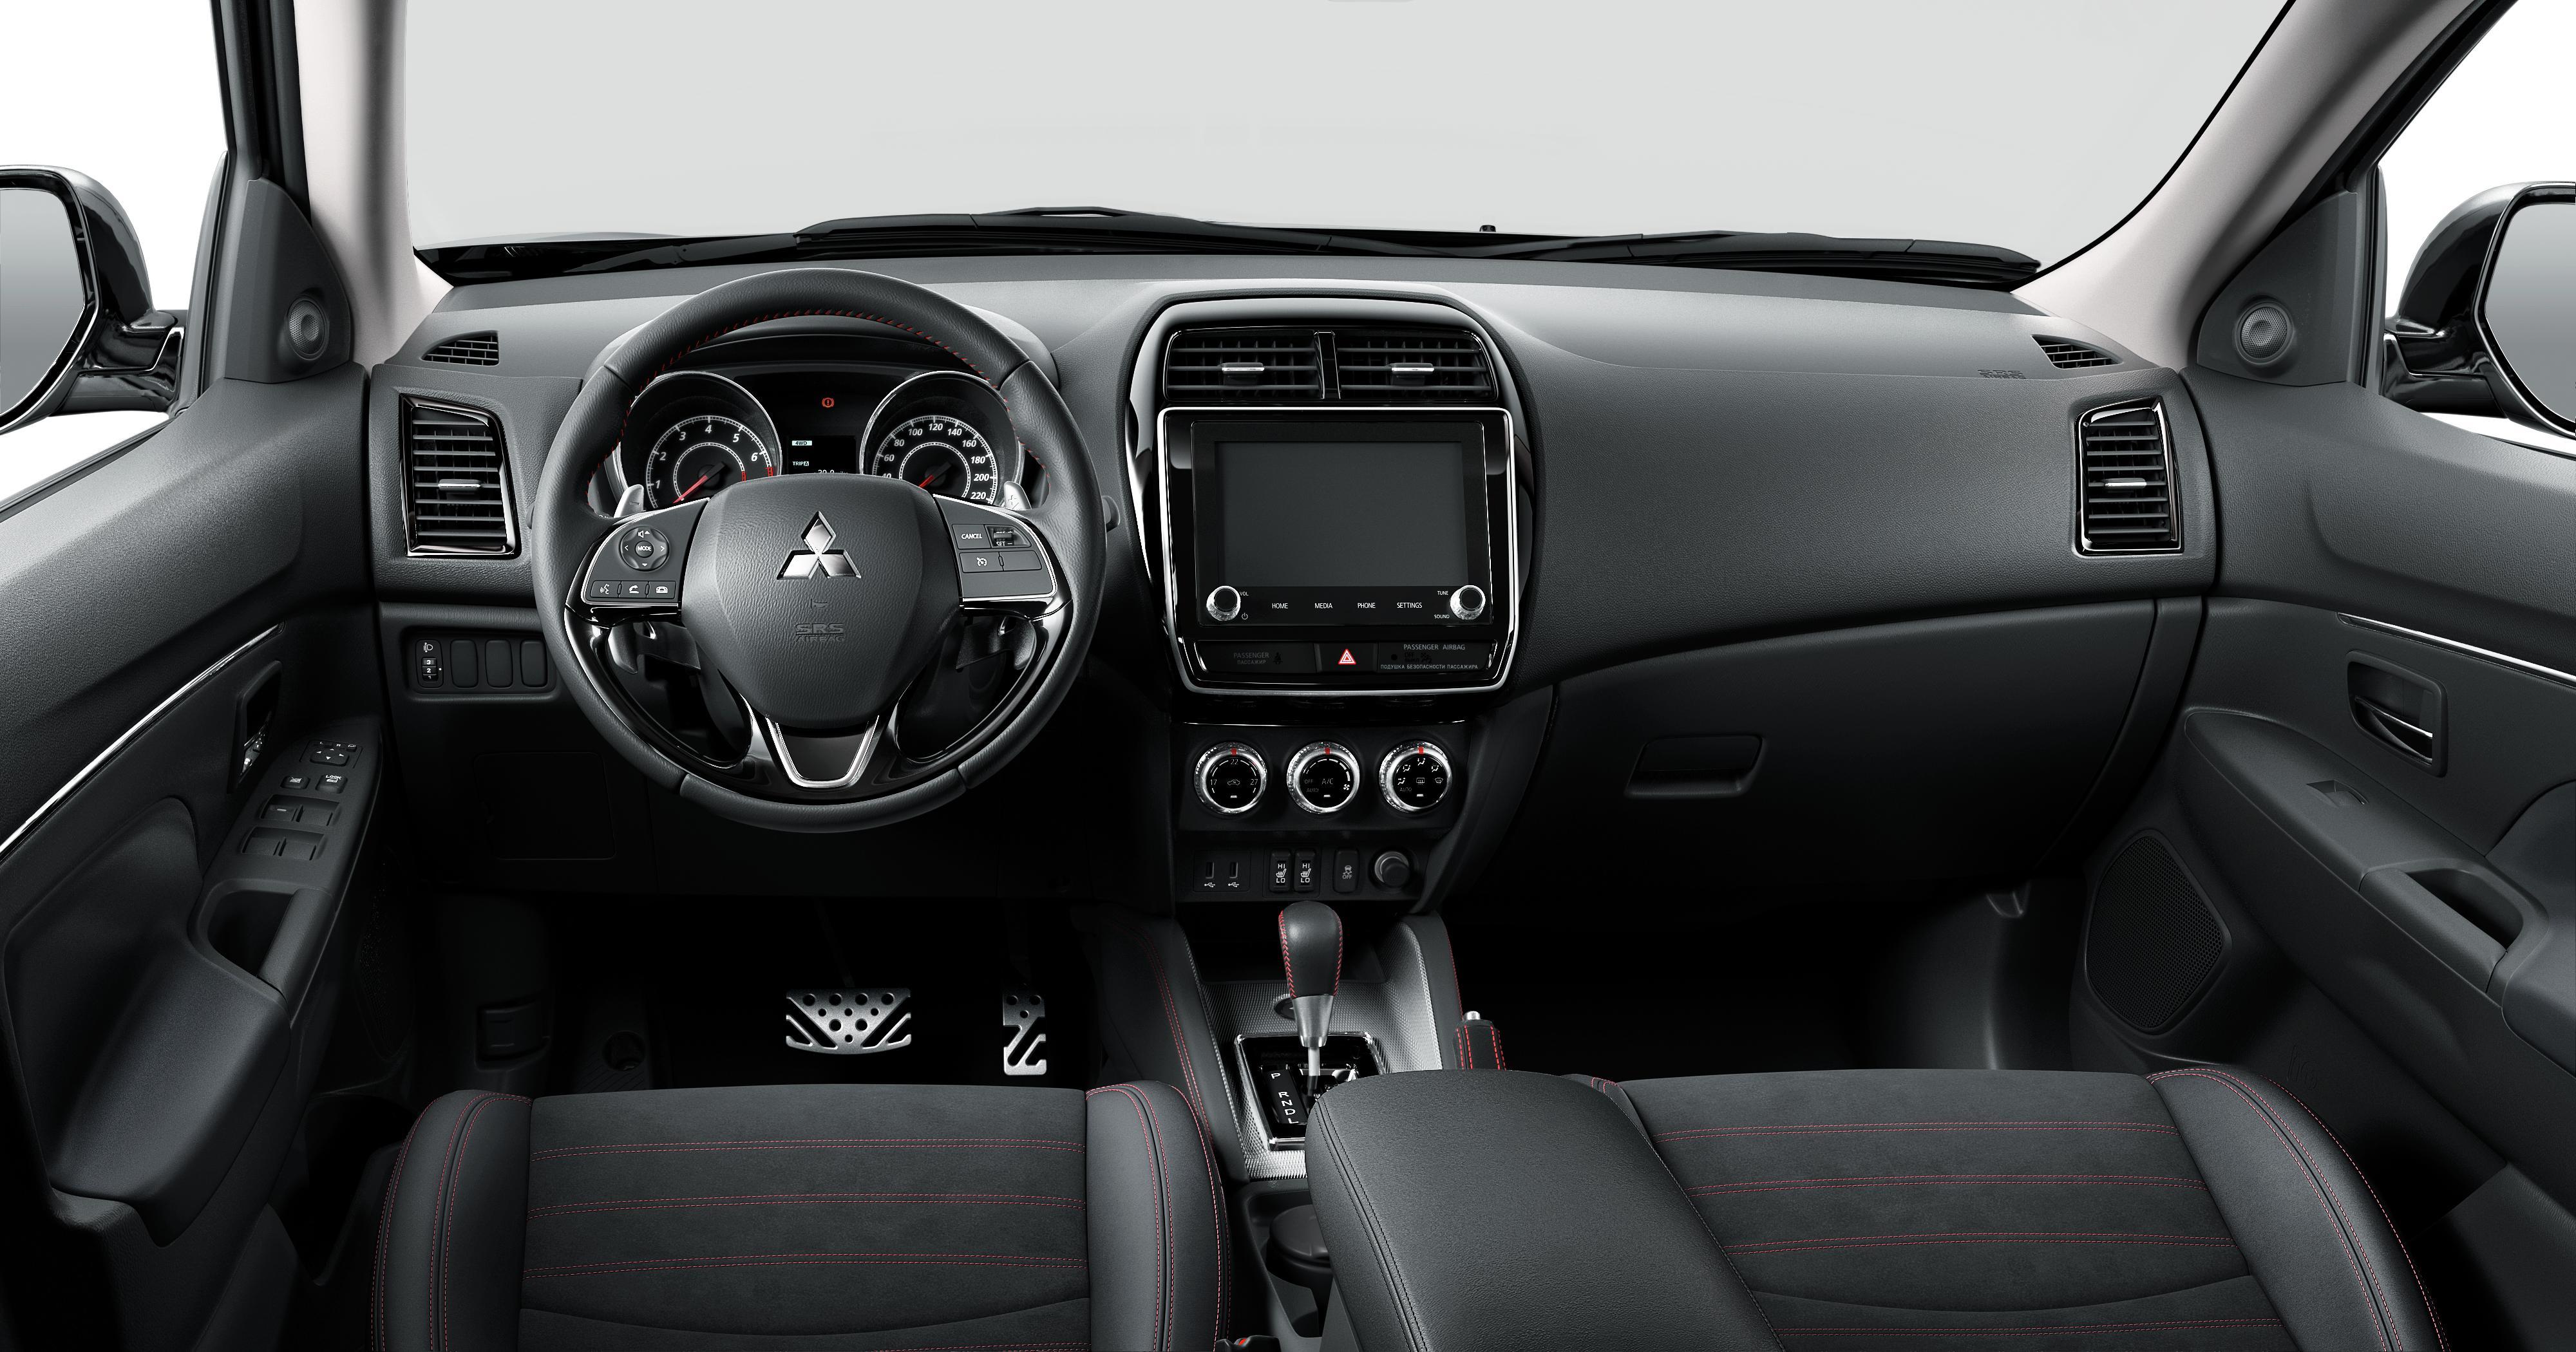 Обновлённый Mitsubishi ASX в чёрном стиле